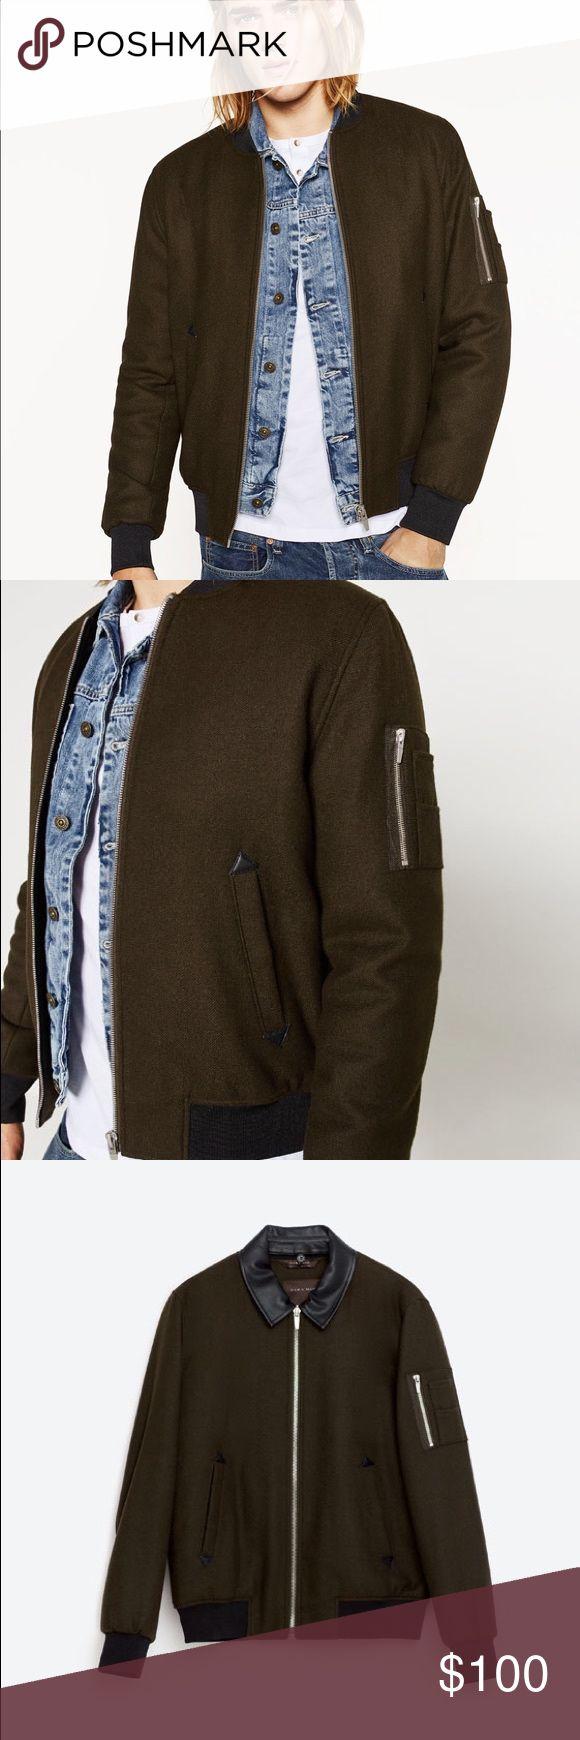 Zara Man Cloth Khaki Bomber Jacket Cloth Bomber Jacket, by Zara. Sold out in Zara. New, with tags! Zara Jackets & Coats Bomber & Varsity